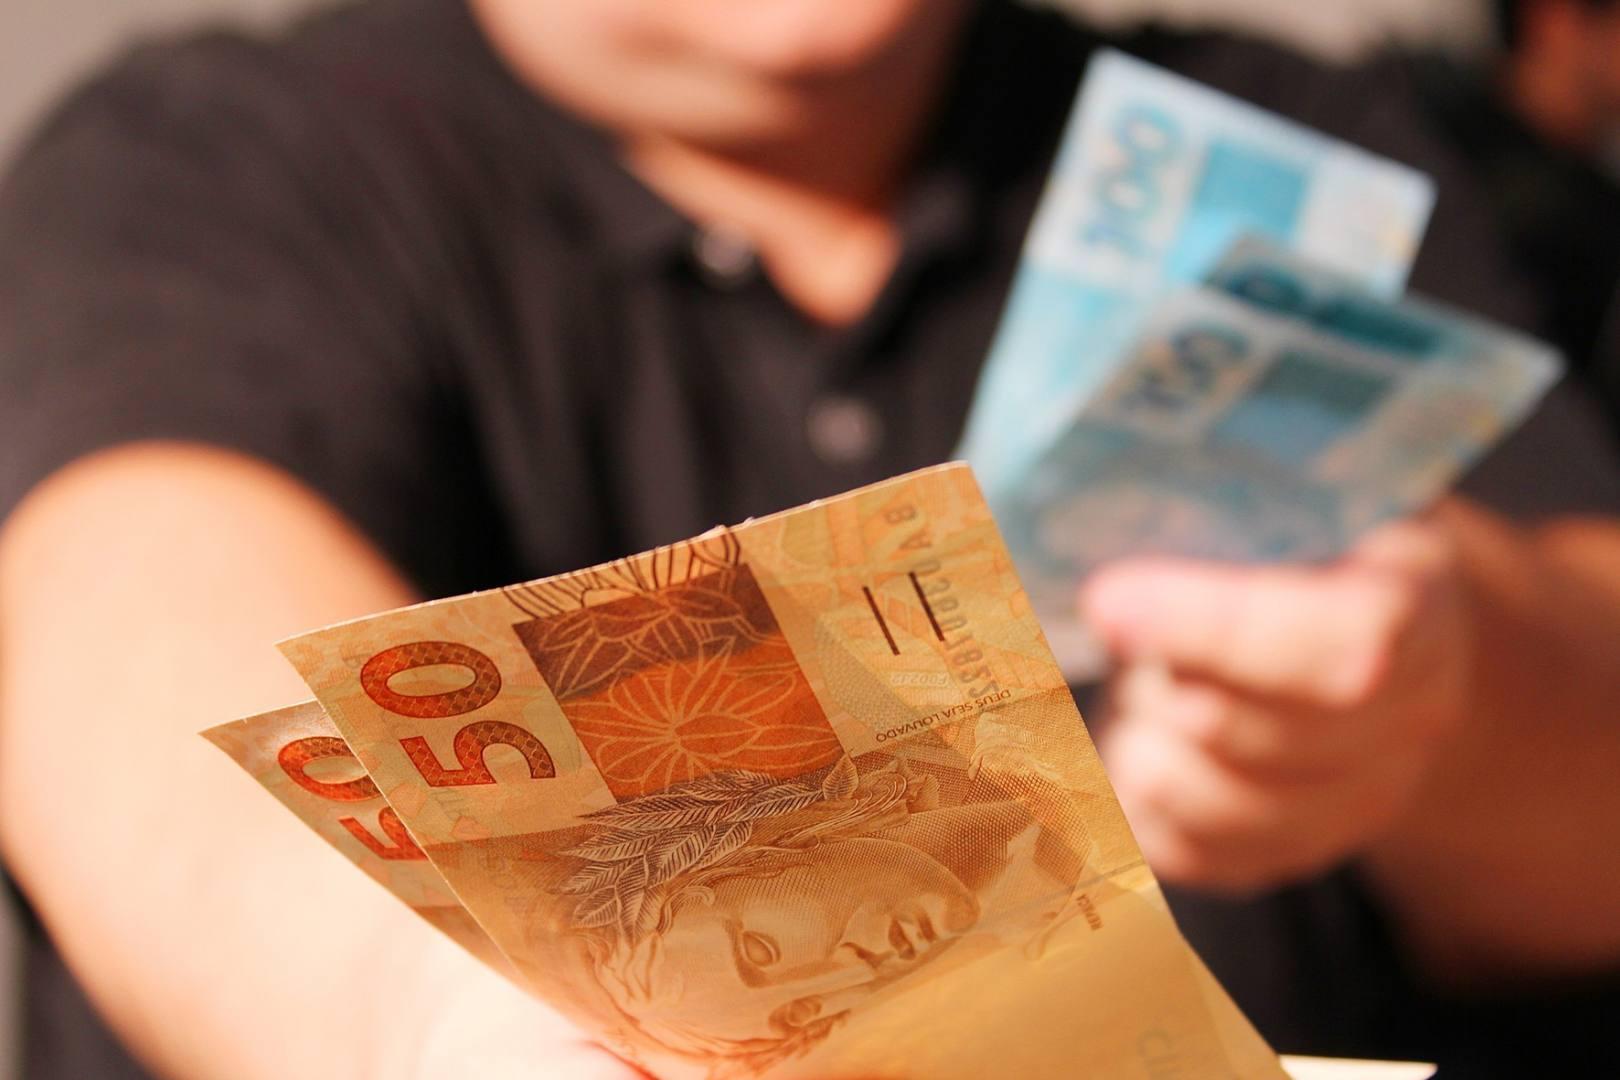 O Banco Central do Brasil deve permitir aos bancos cobrar tarifas para reduzir os juros do cheque especial